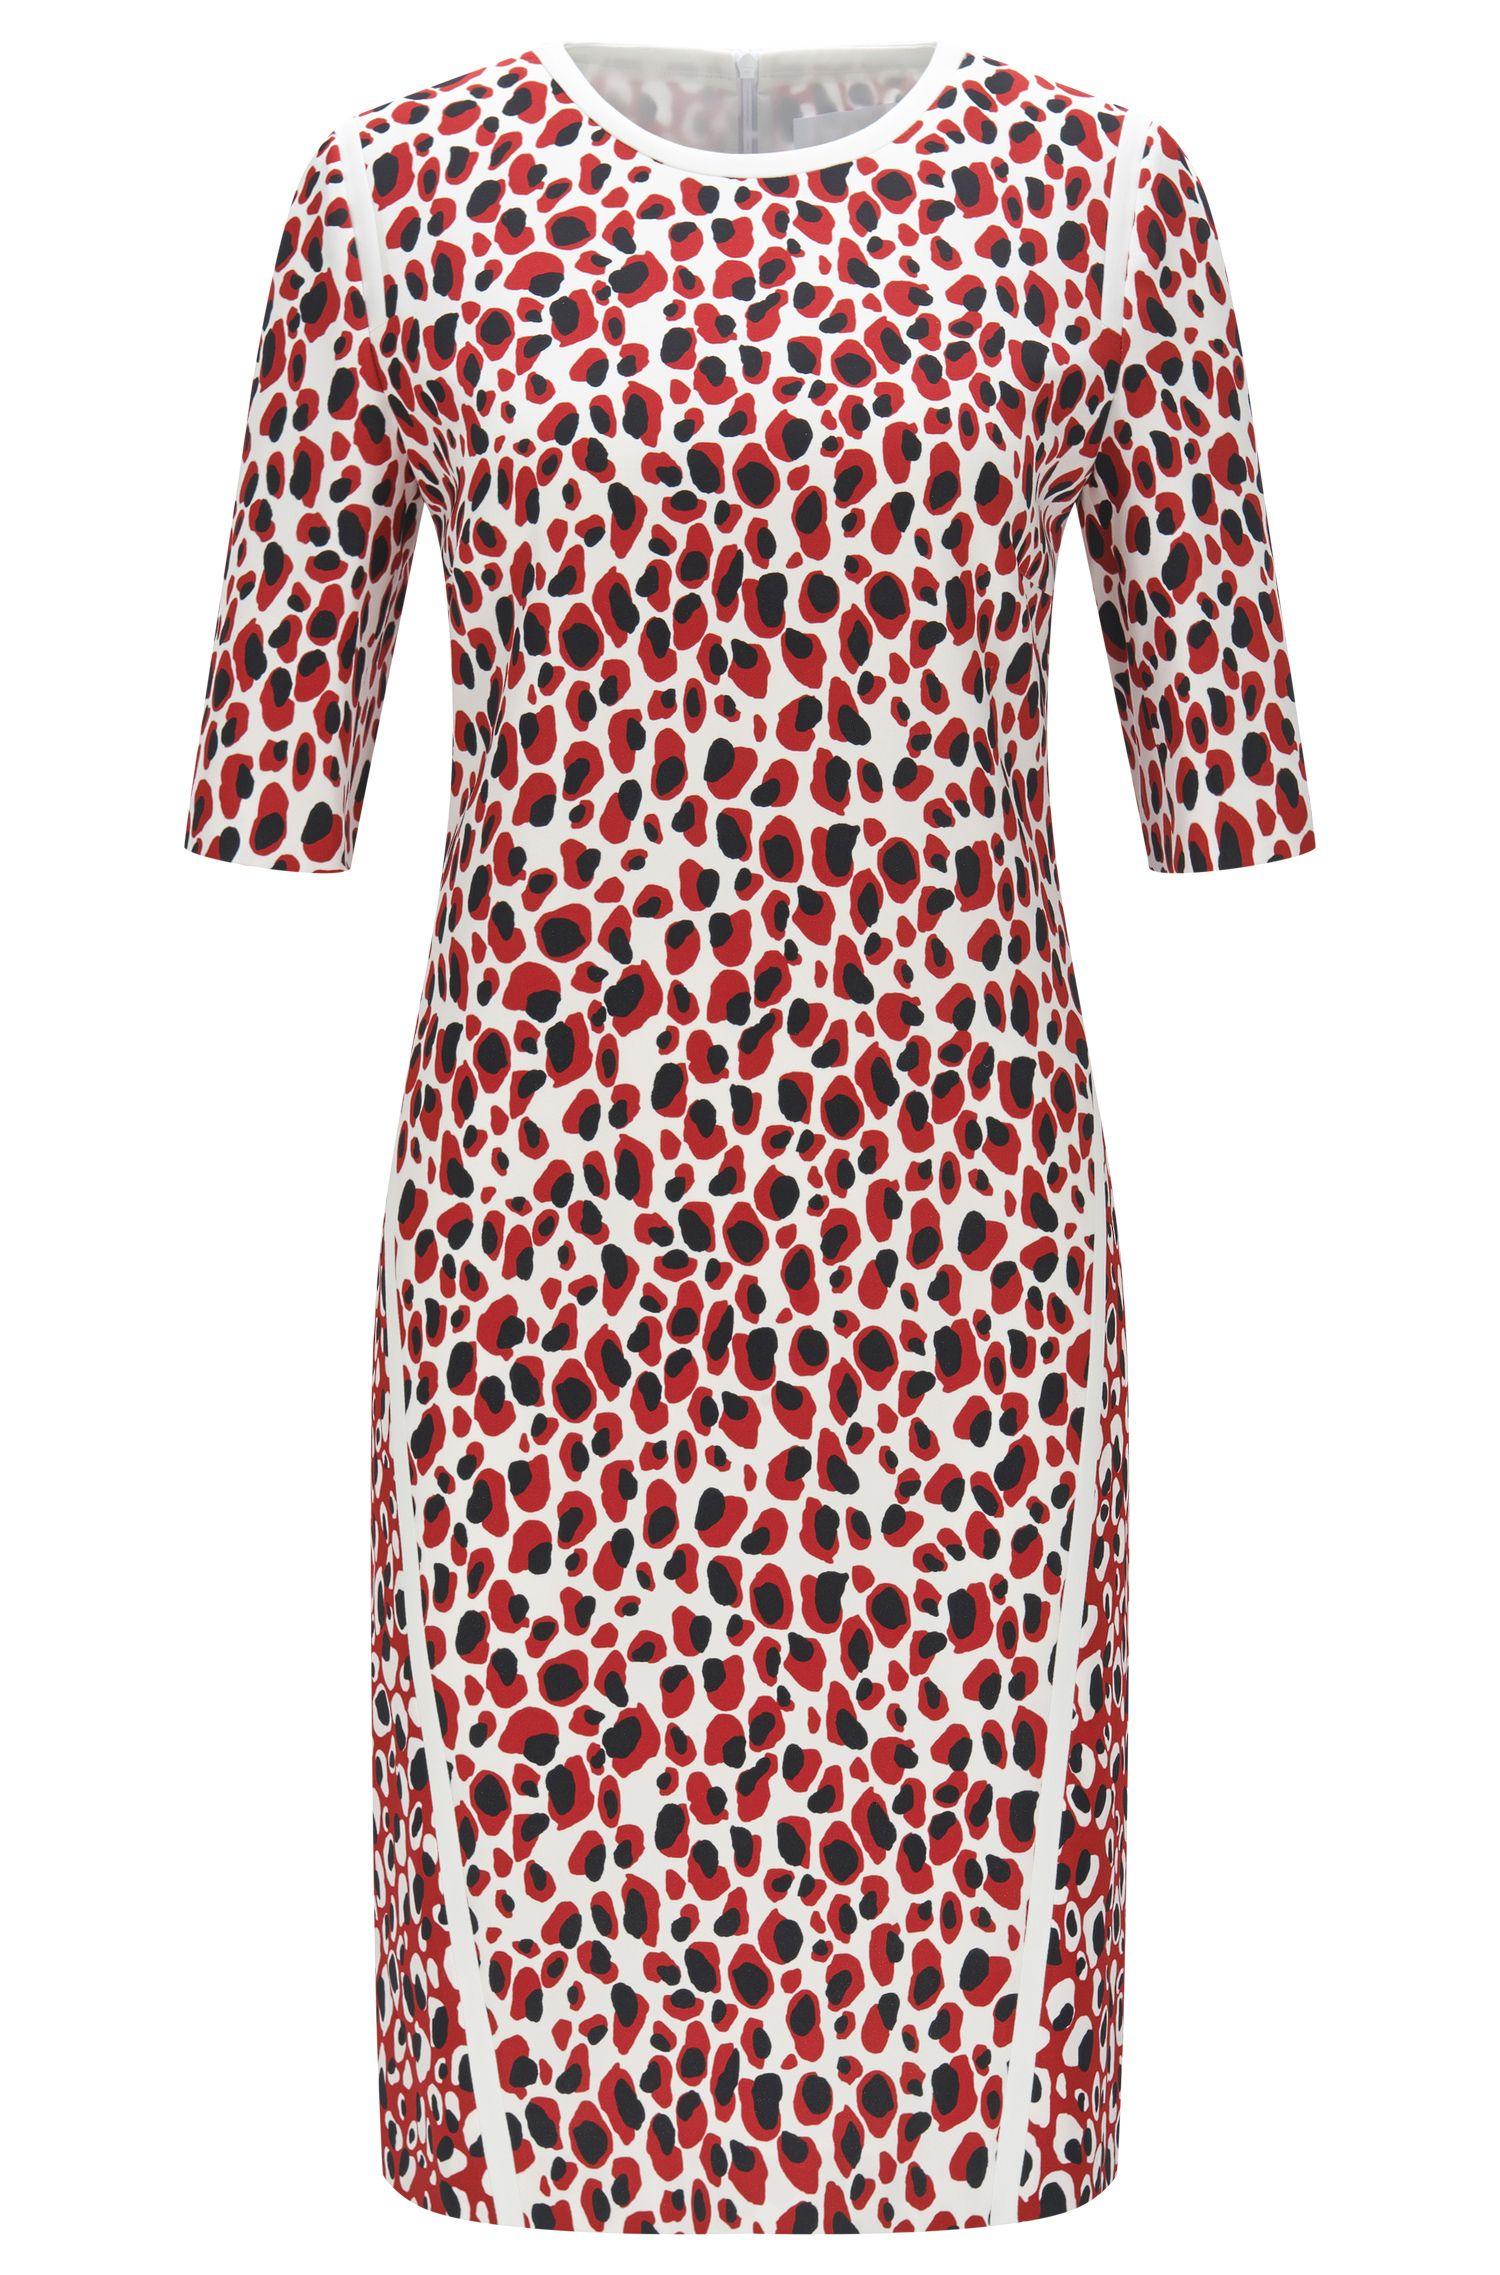 Slim-Fit Kleid mit unterschiedlichen Leoparden-Prints